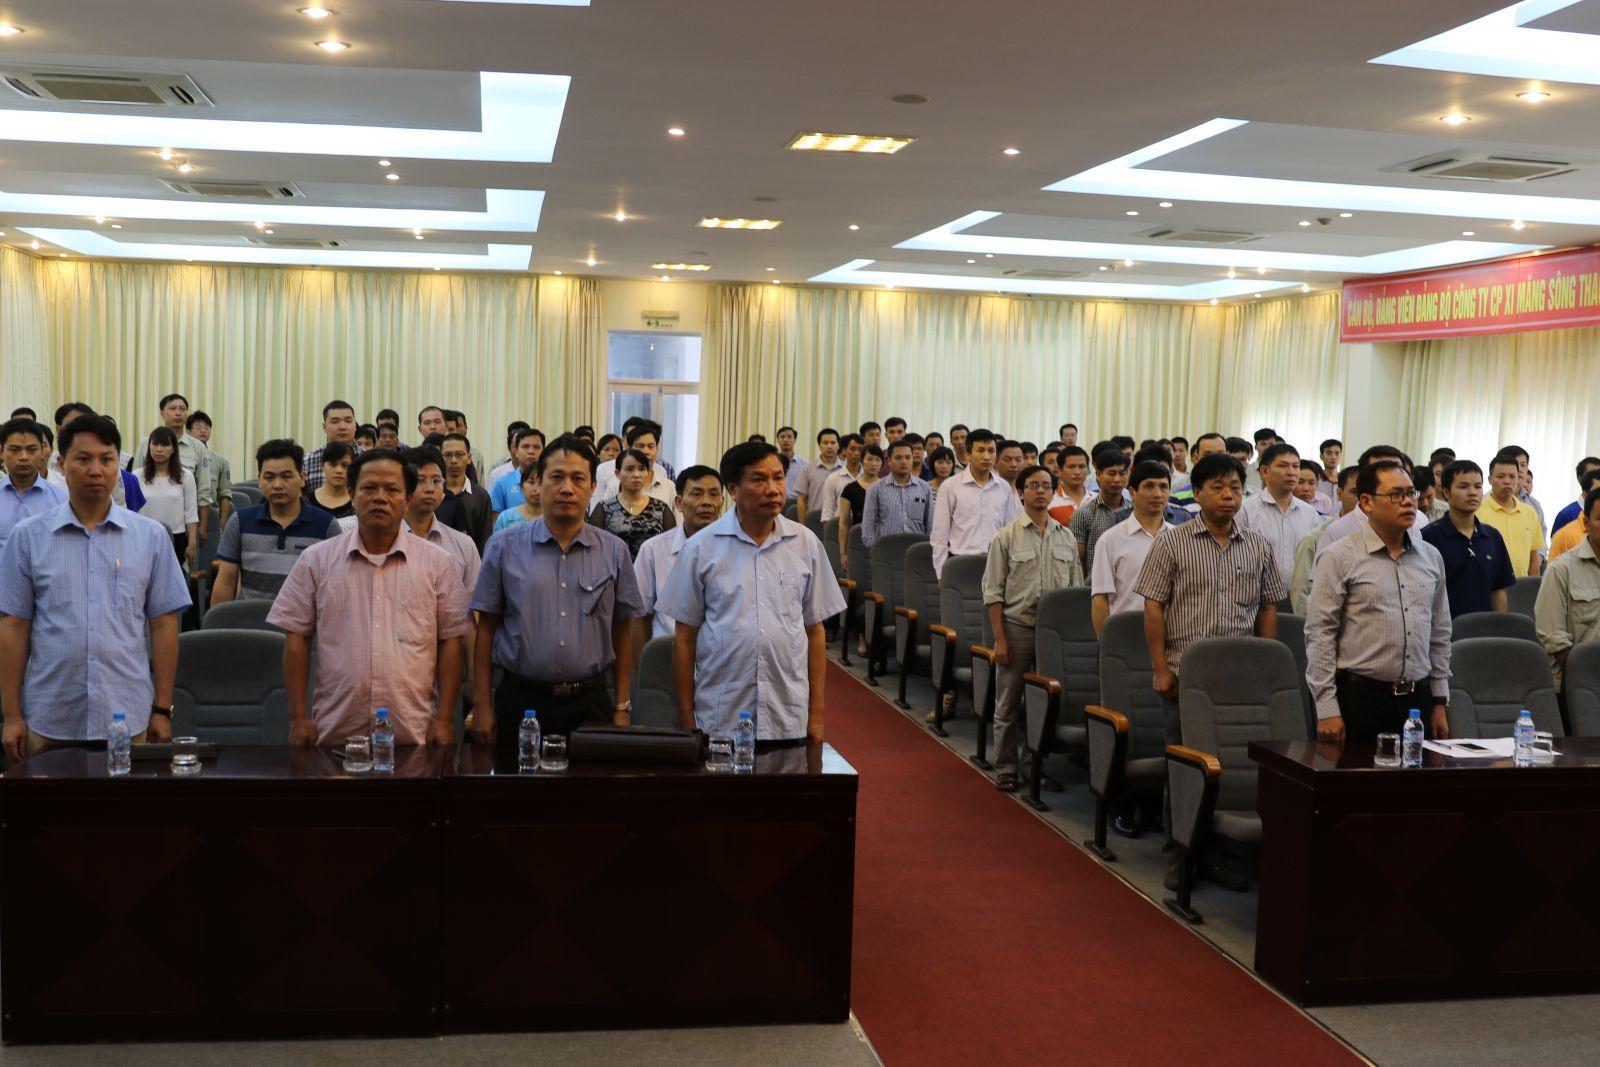 Hội nghị quán triệt, phổ biến các Nghị quyết của Ban Chấp hành Trung ương Đảng khóa XII